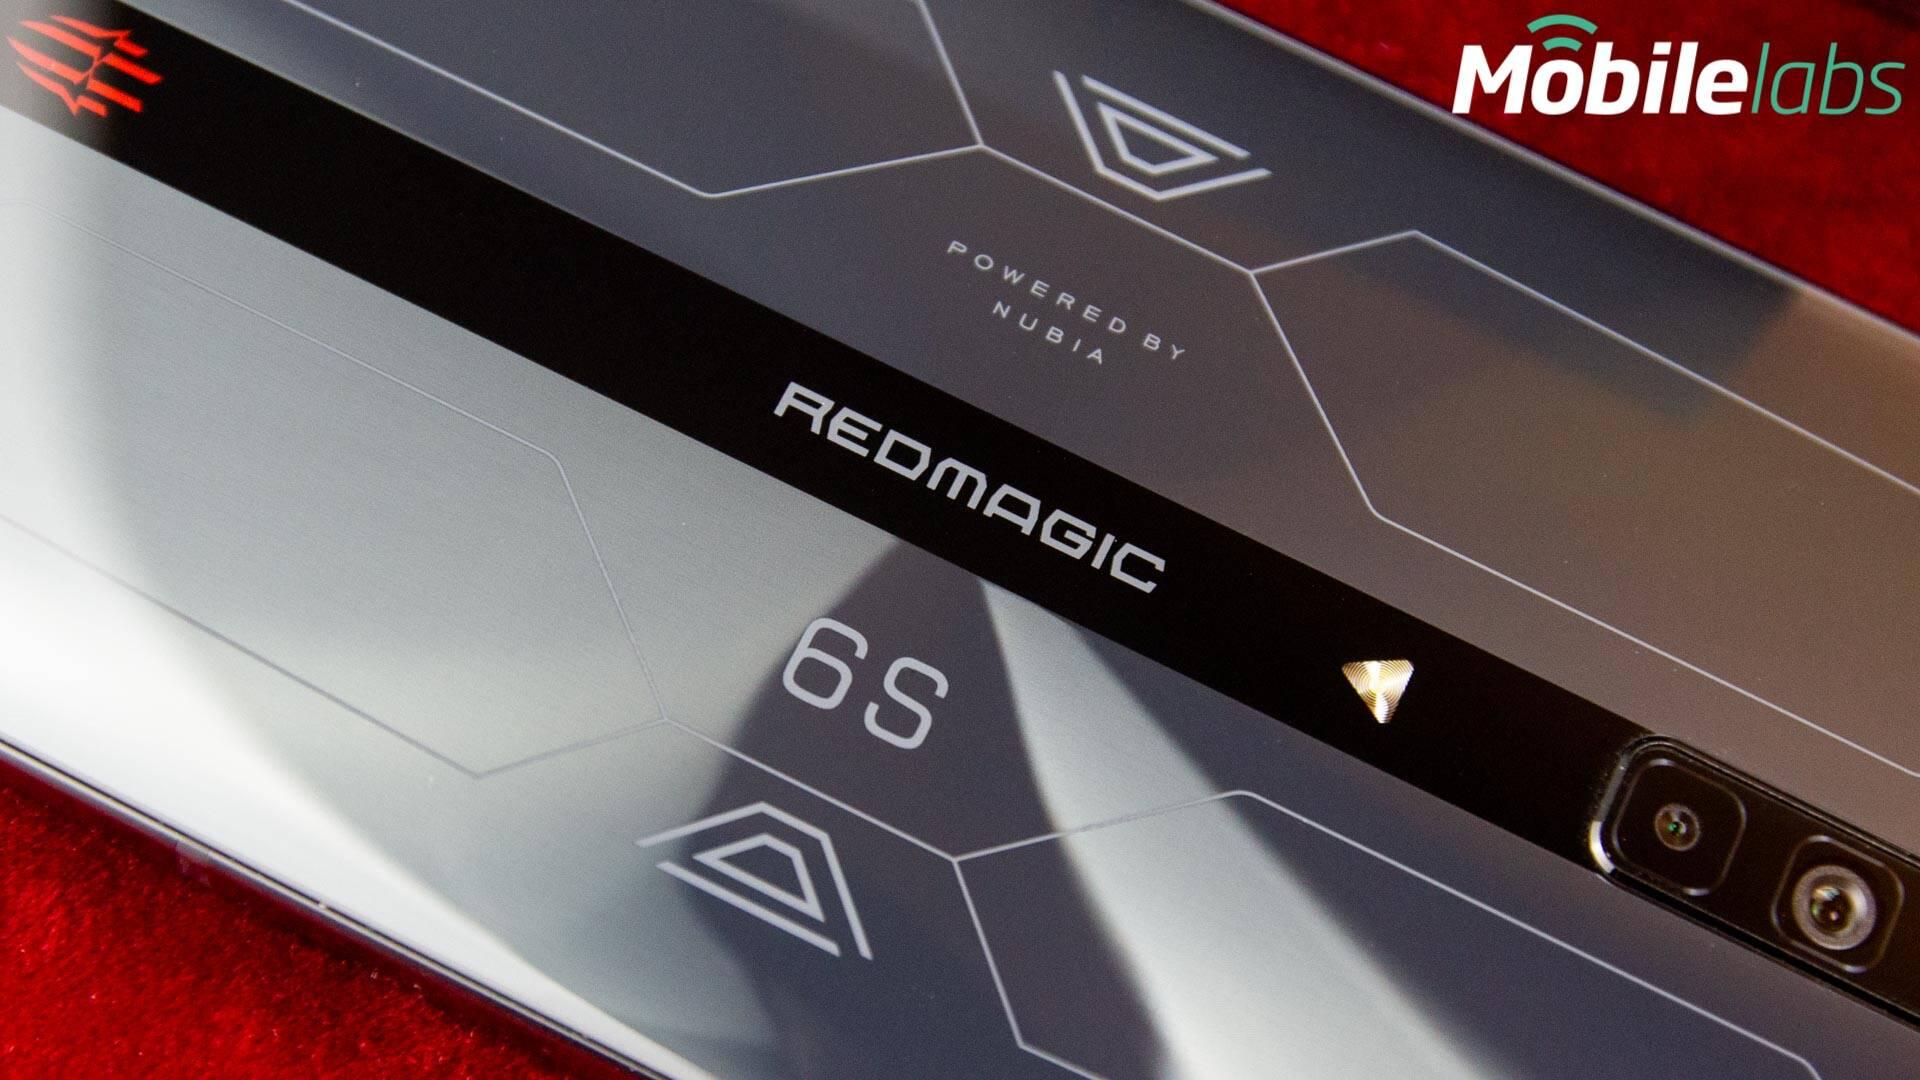 RedMagic - 6S Pro